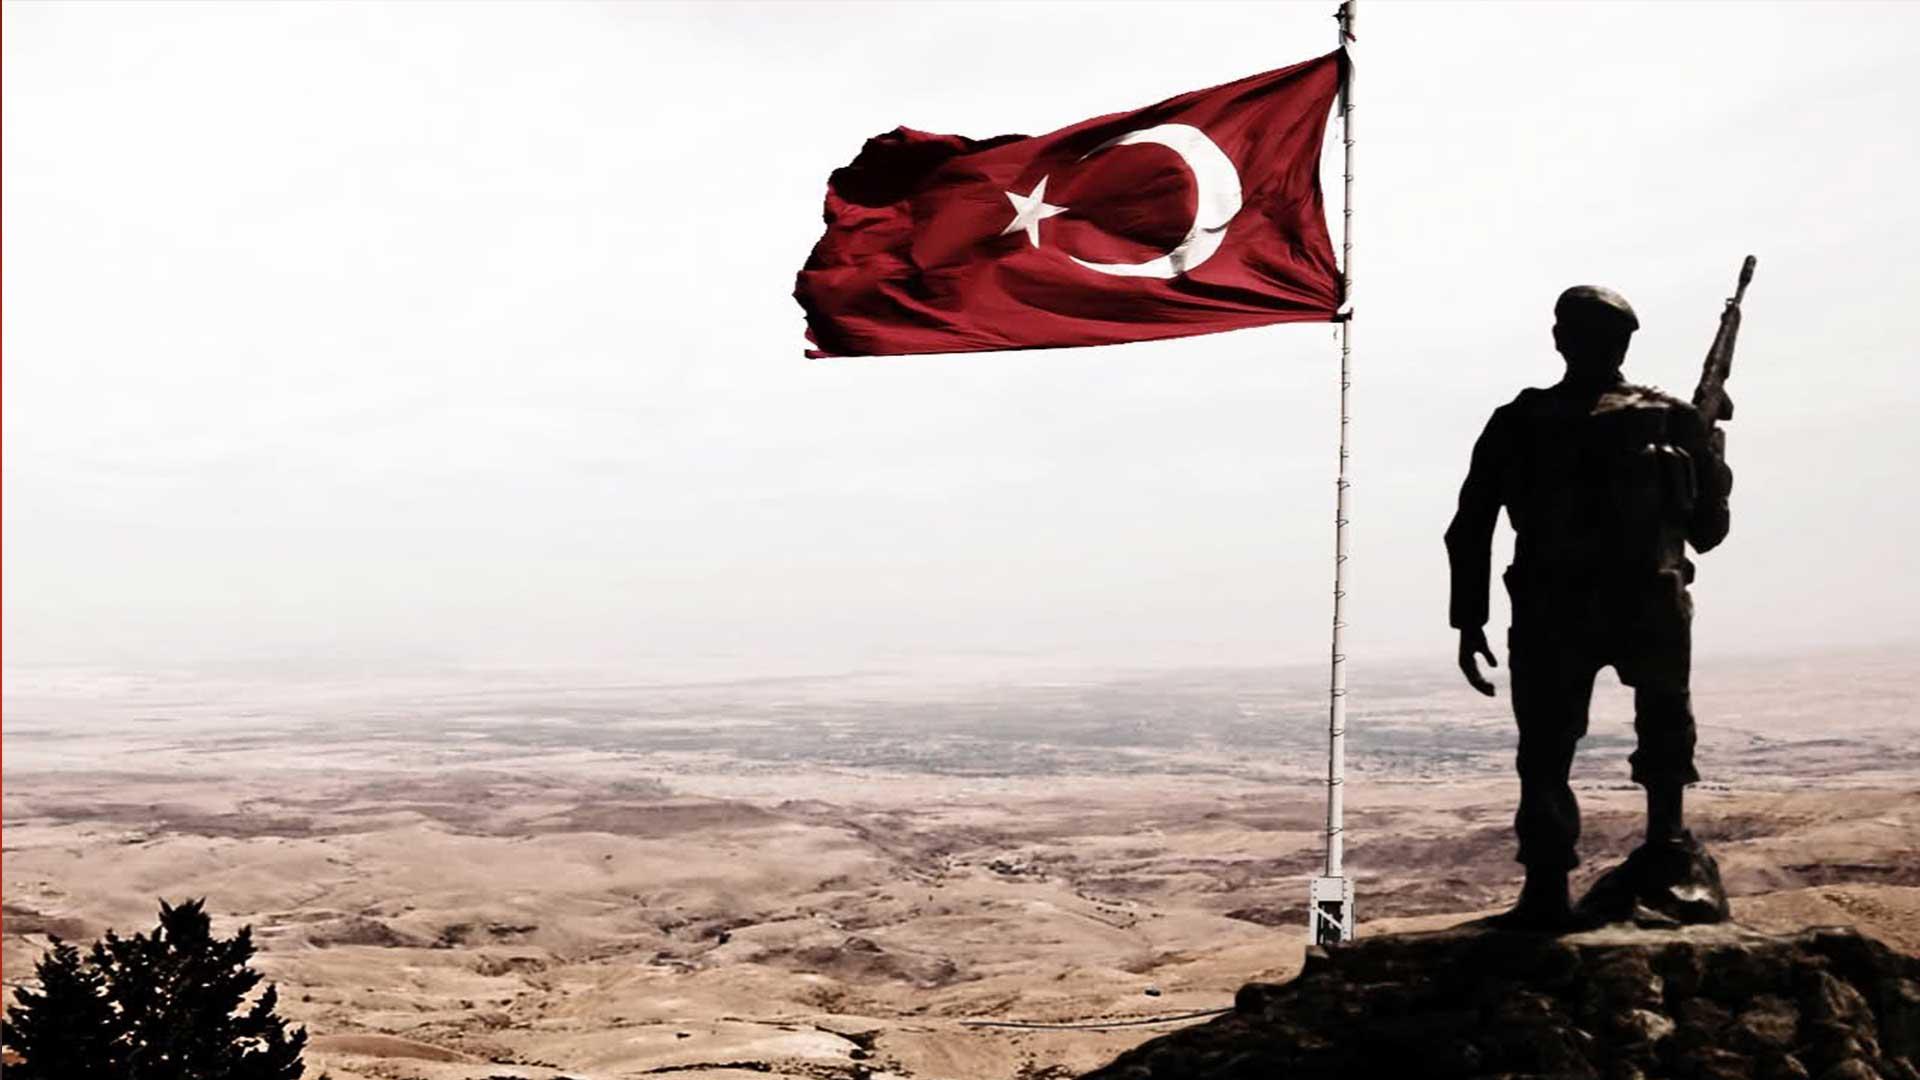 Sanli Turk Askeri Resimleri Hd Indir Turk Bayraklari